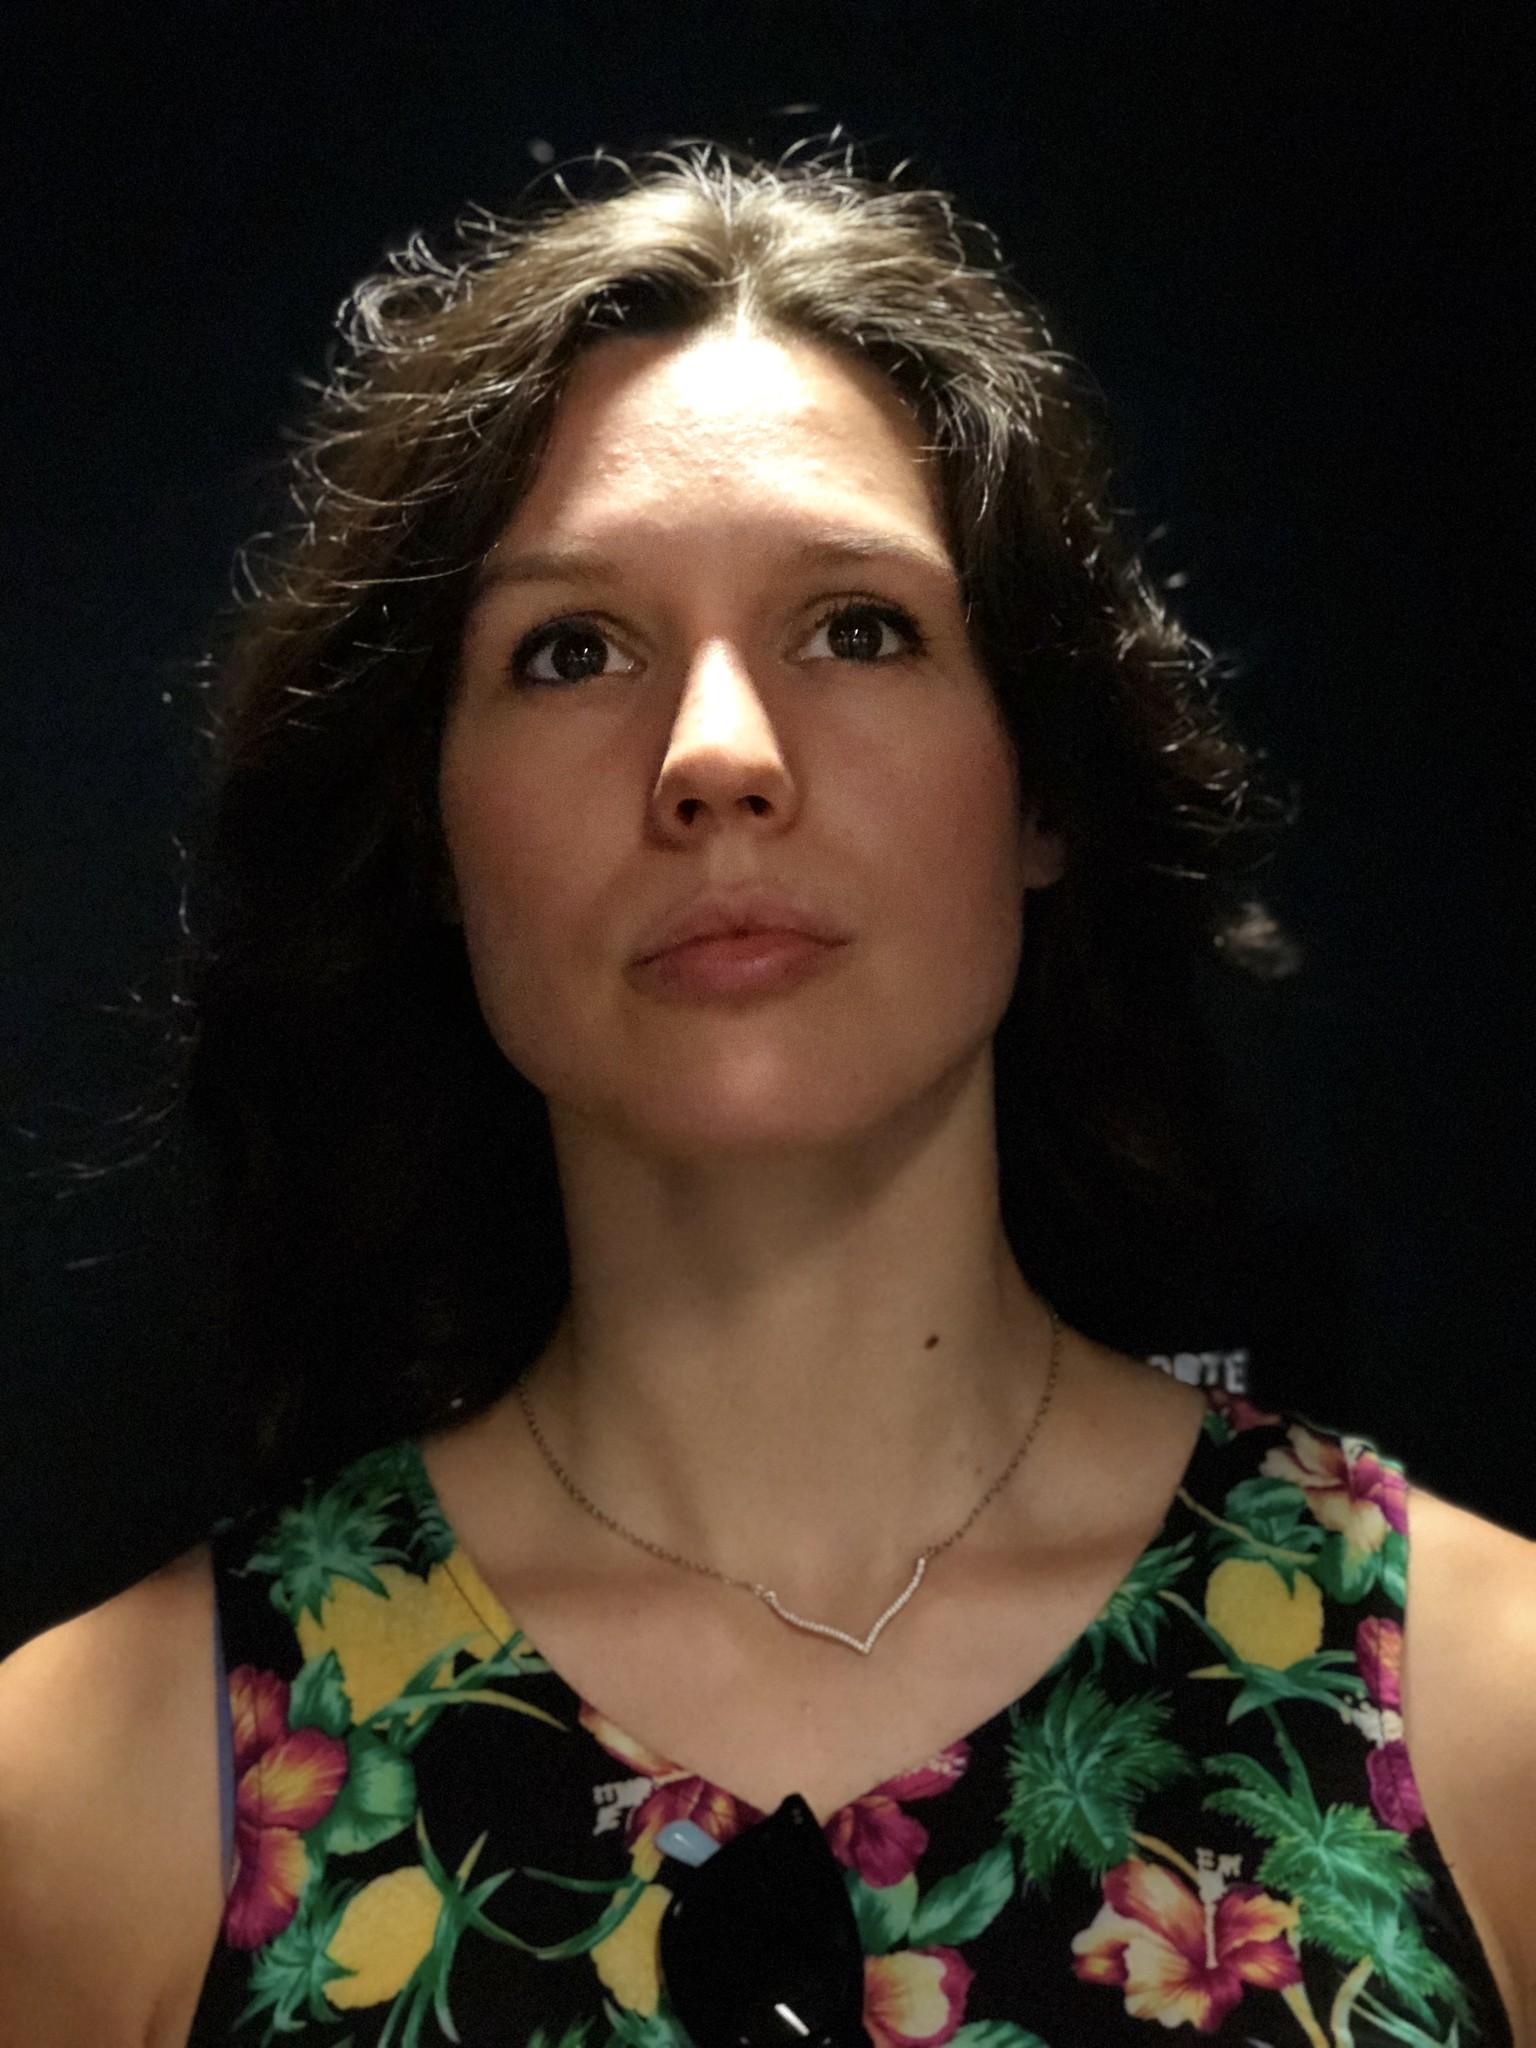 Как использовать портретный режим и портретное освещение в iPhone X - Студийное освещение